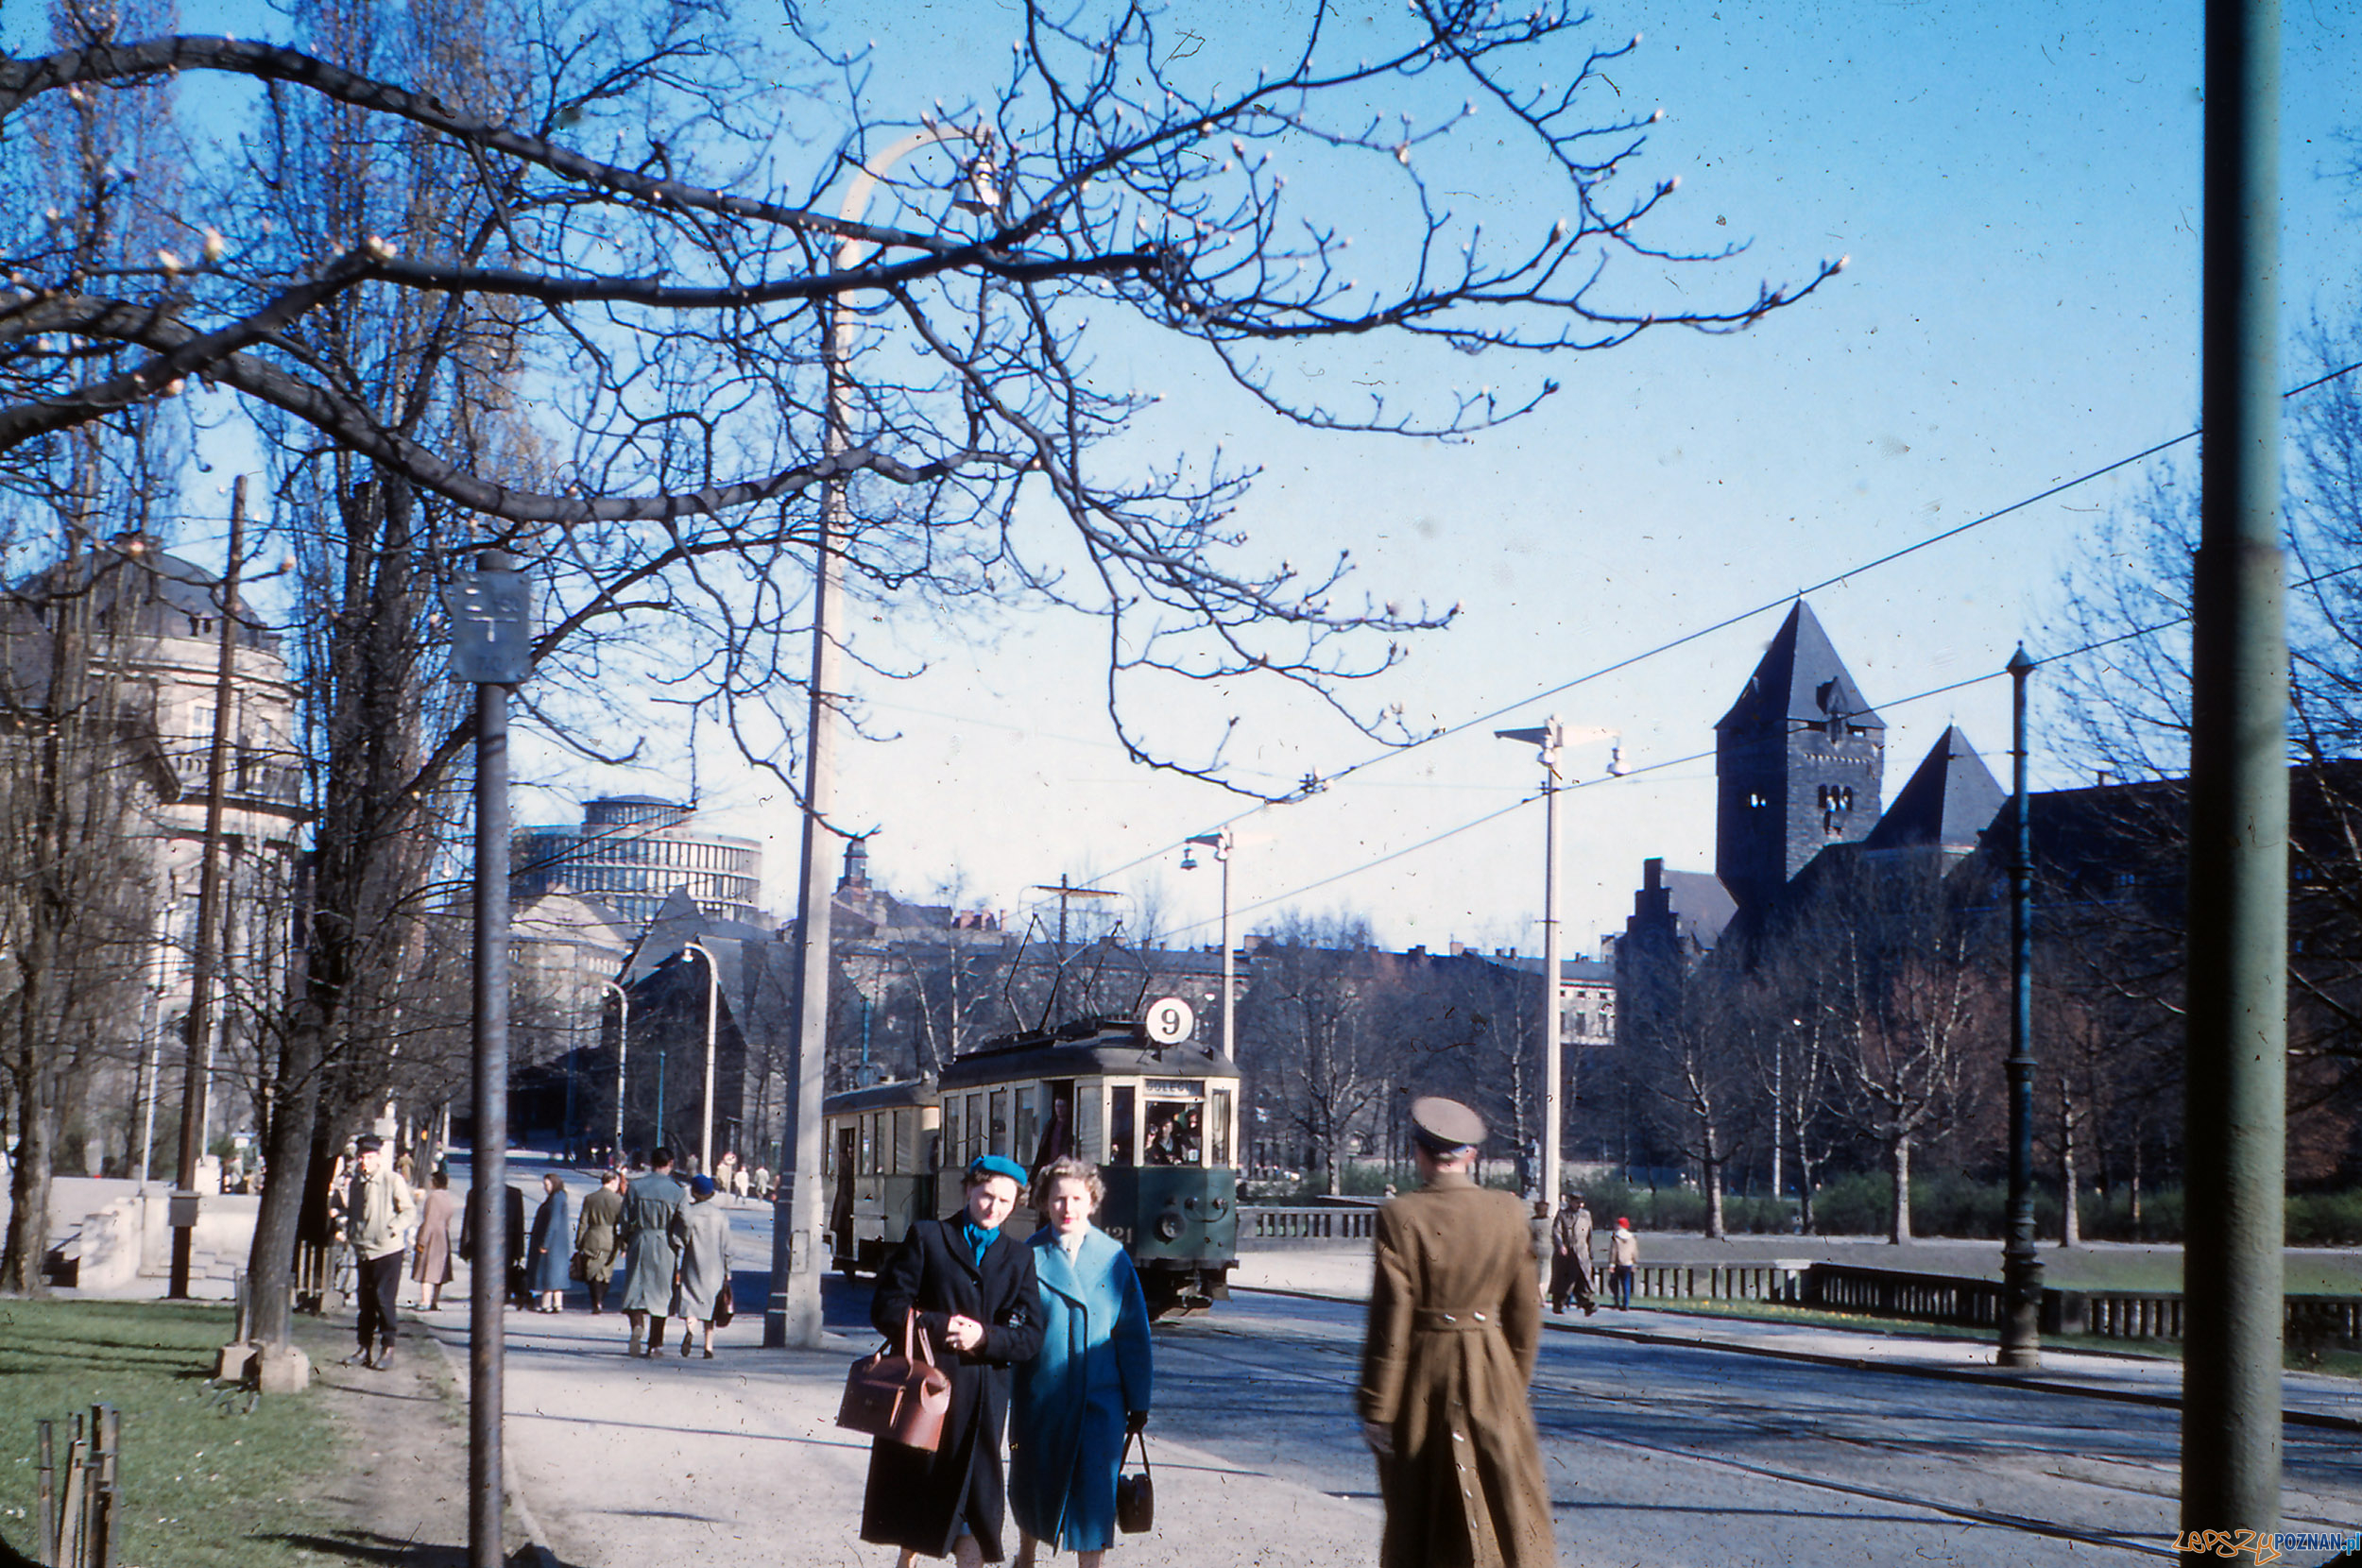 Fredry - koniec lat 50-tych  Foto: Mogens Tørsleff, kolekcja Gorma Rudschinata / Flickr / CC